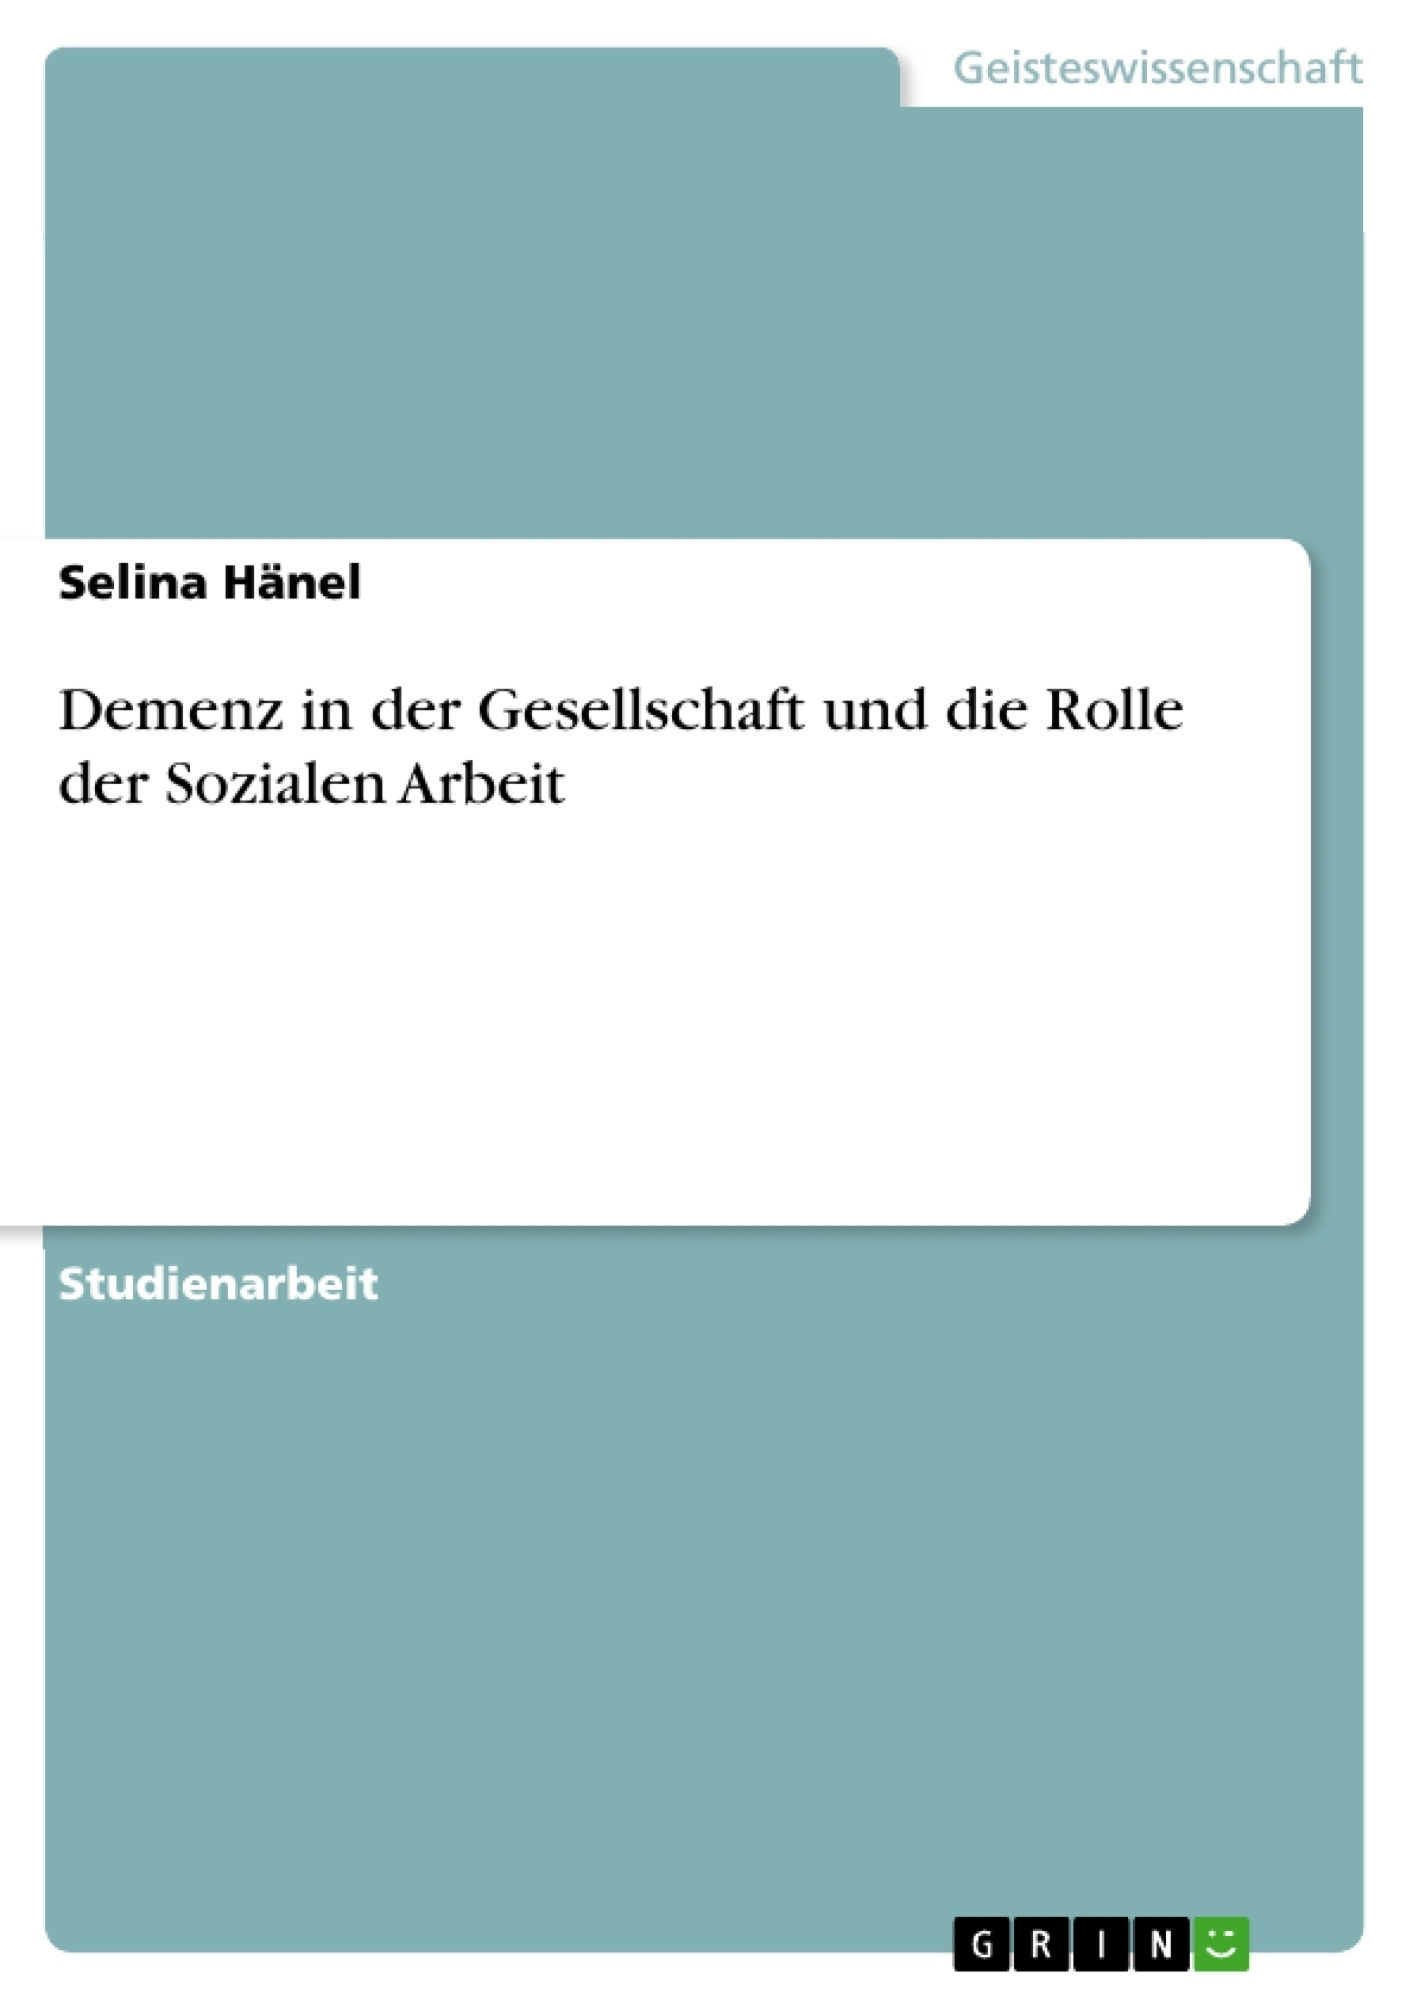 Titel: Demenz in der Gesellschaft und die Rolle der Sozialen Arbeit